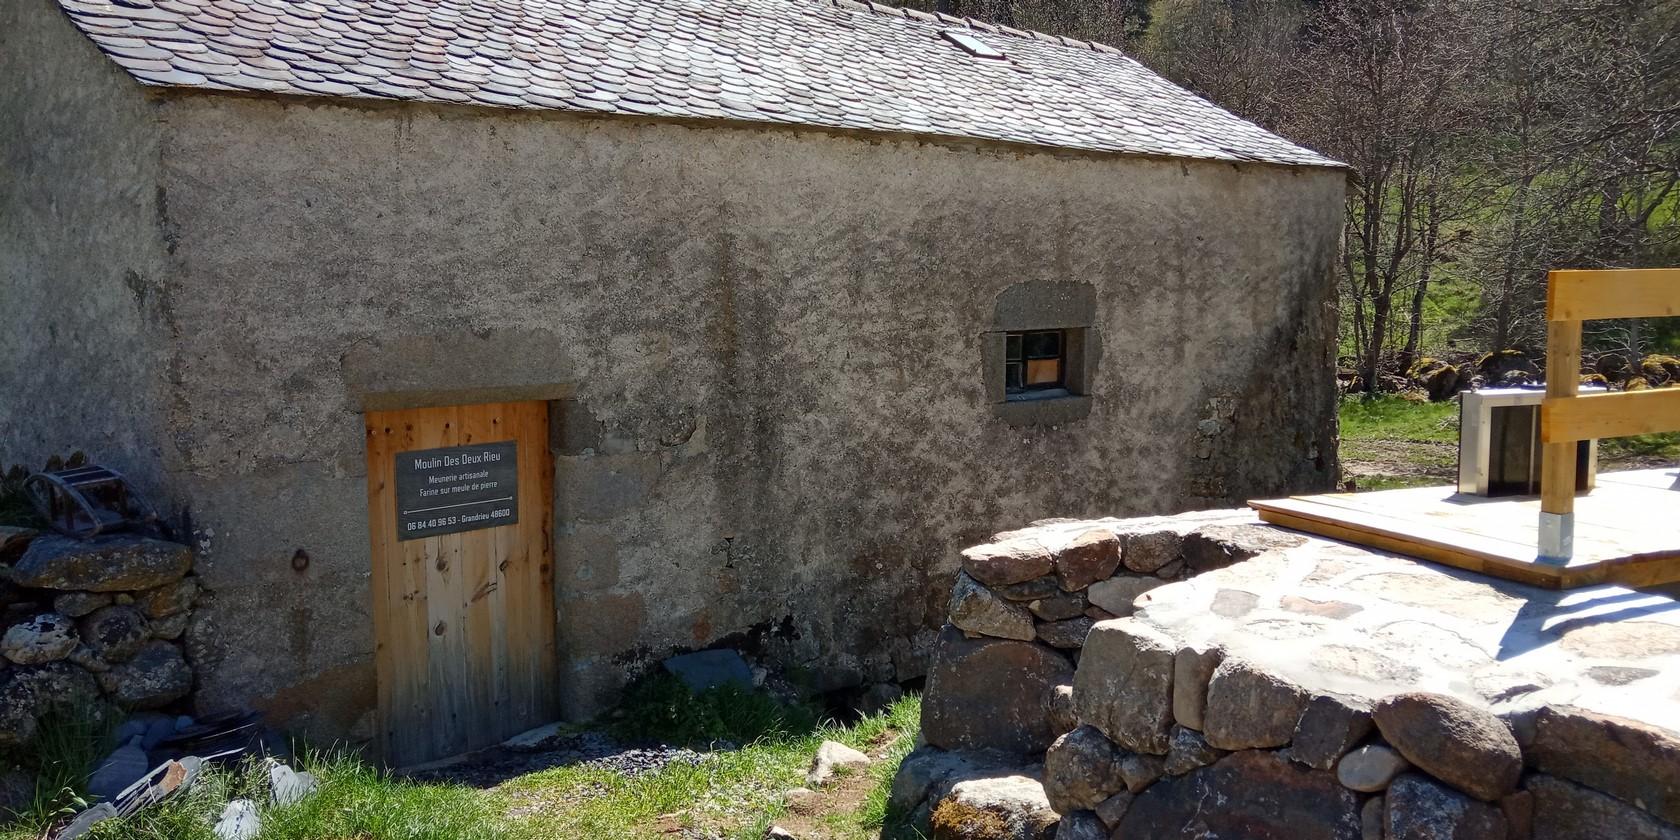 Moulin des Deux Rieu